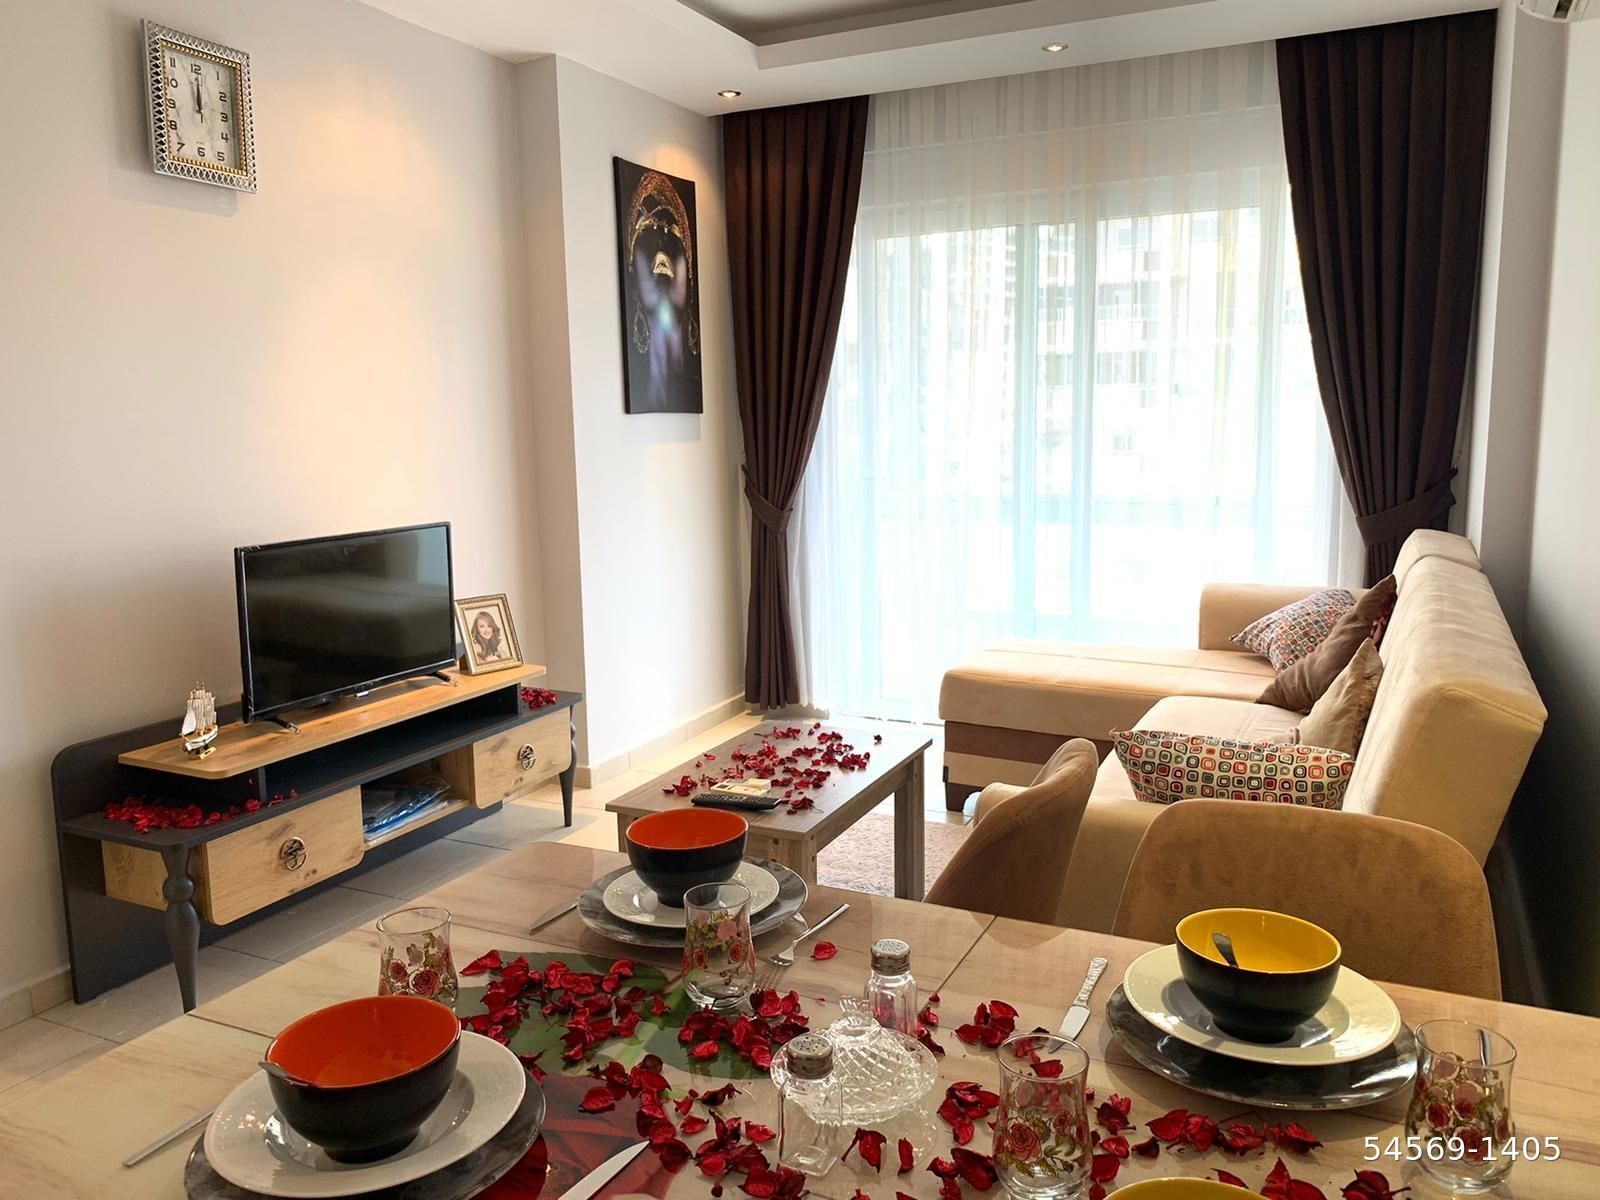 Квартира 1+1 — Махмутлар, Аланья, Турция